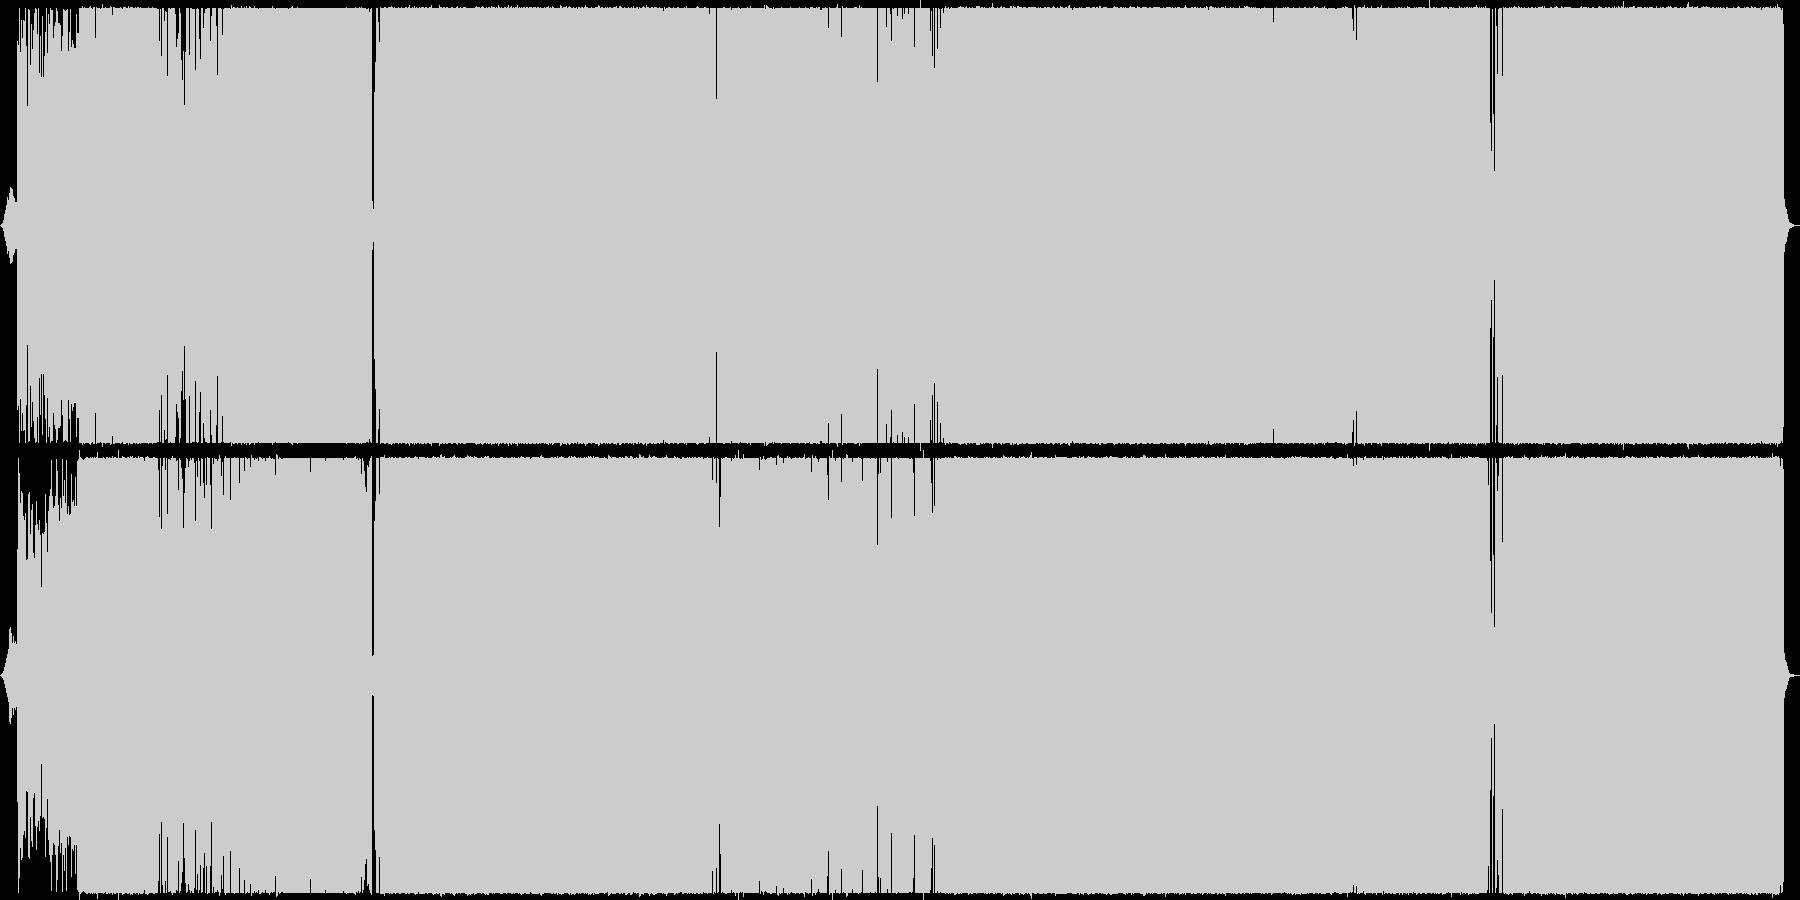 クールかつ叙情的なラウドロックの未再生の波形